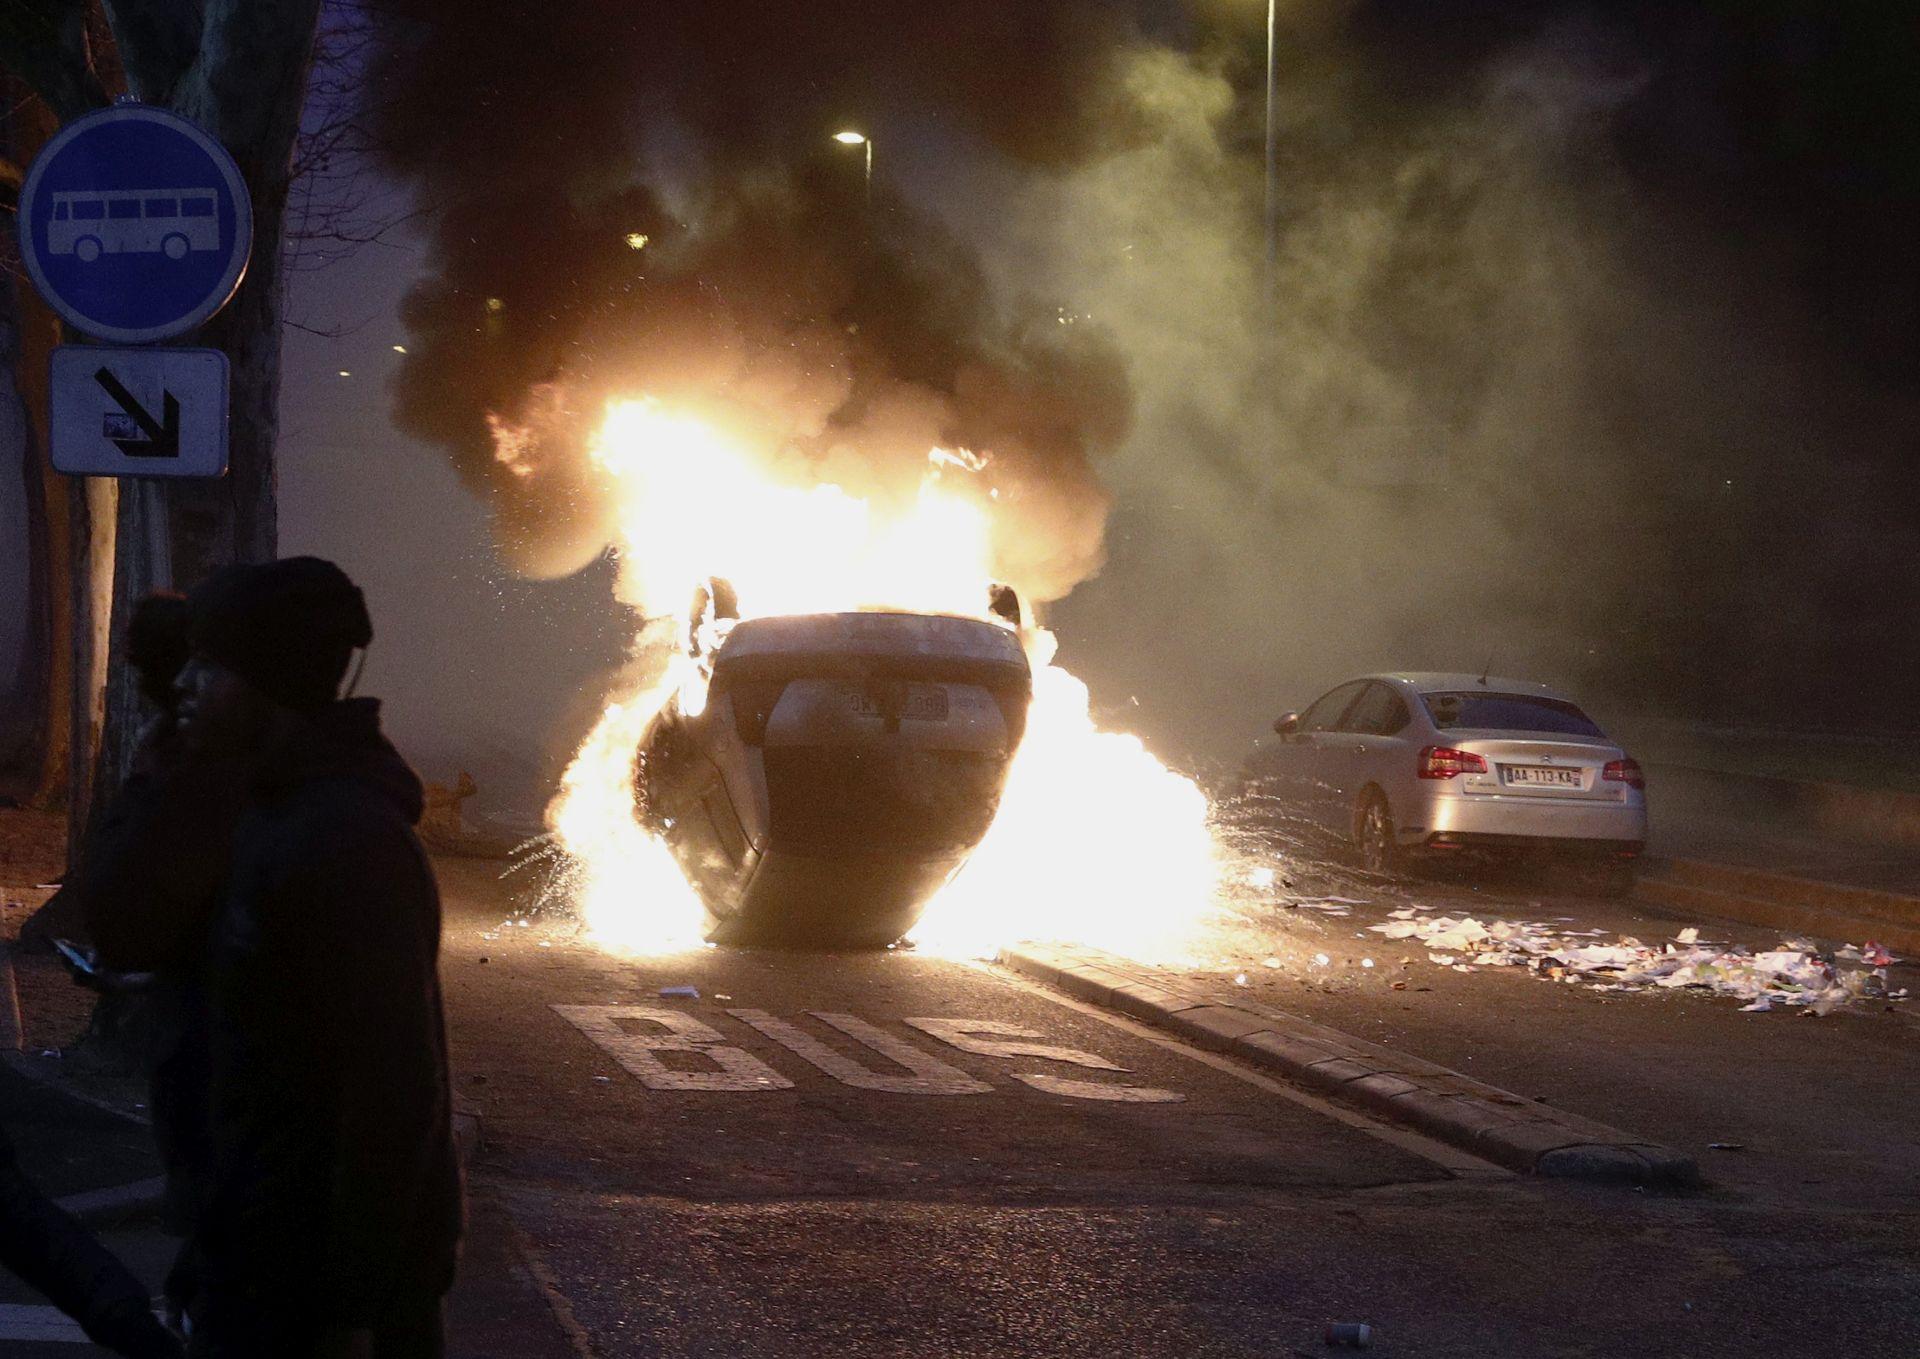 NOVI SUKOBI: Napeto između policije i prosvjednika u pariškom predgrađu